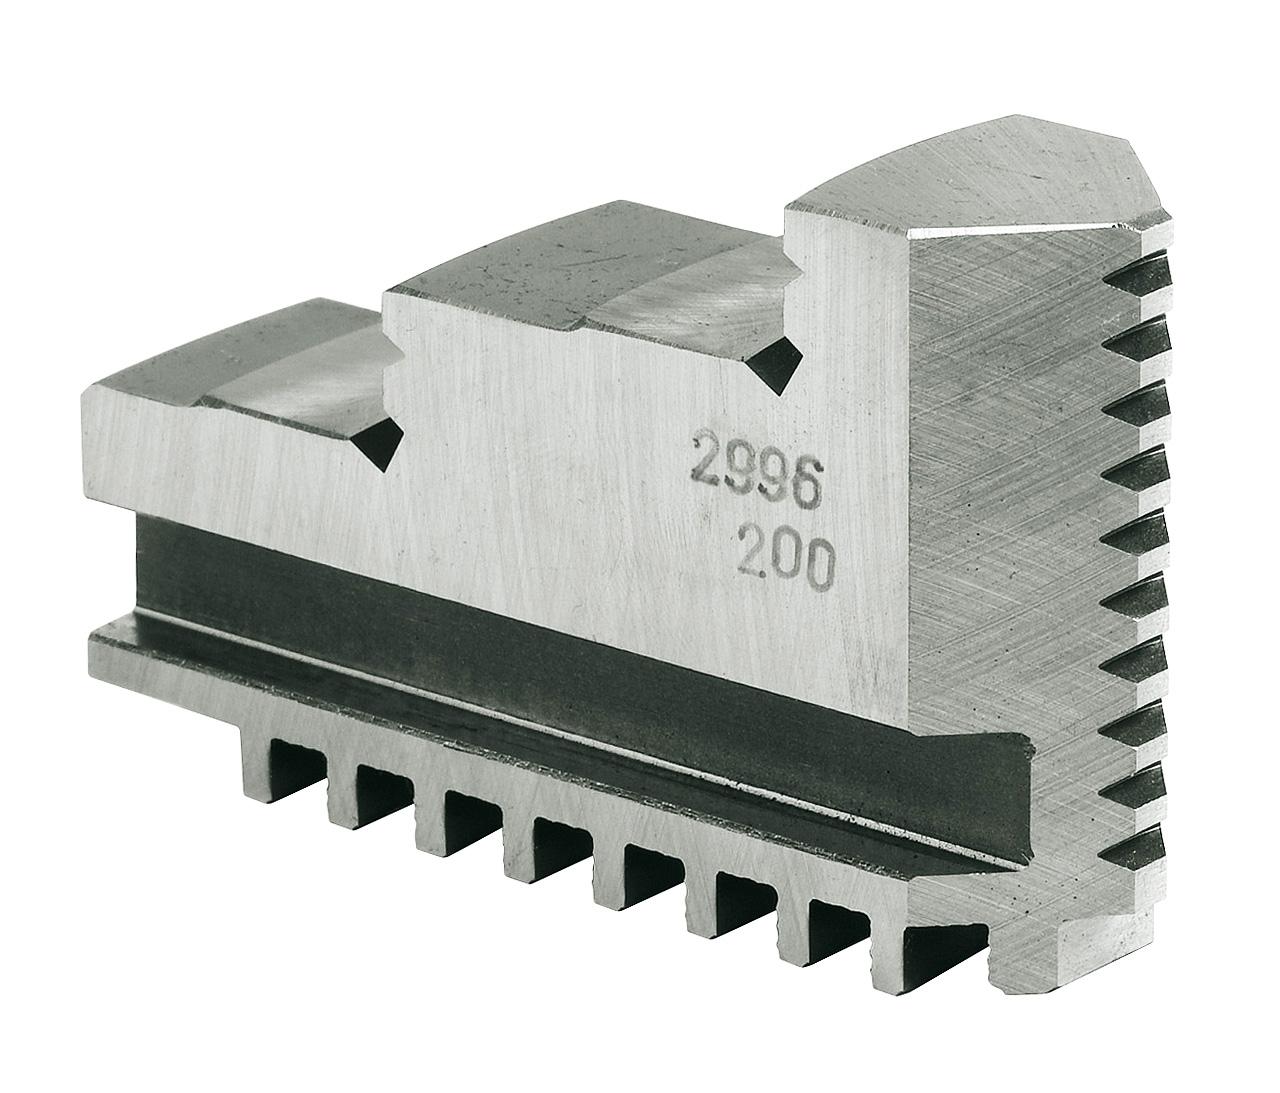 Szczęki jednolite twarde zewnętrzne - komplet OJ-PS3-80 BERNARDO